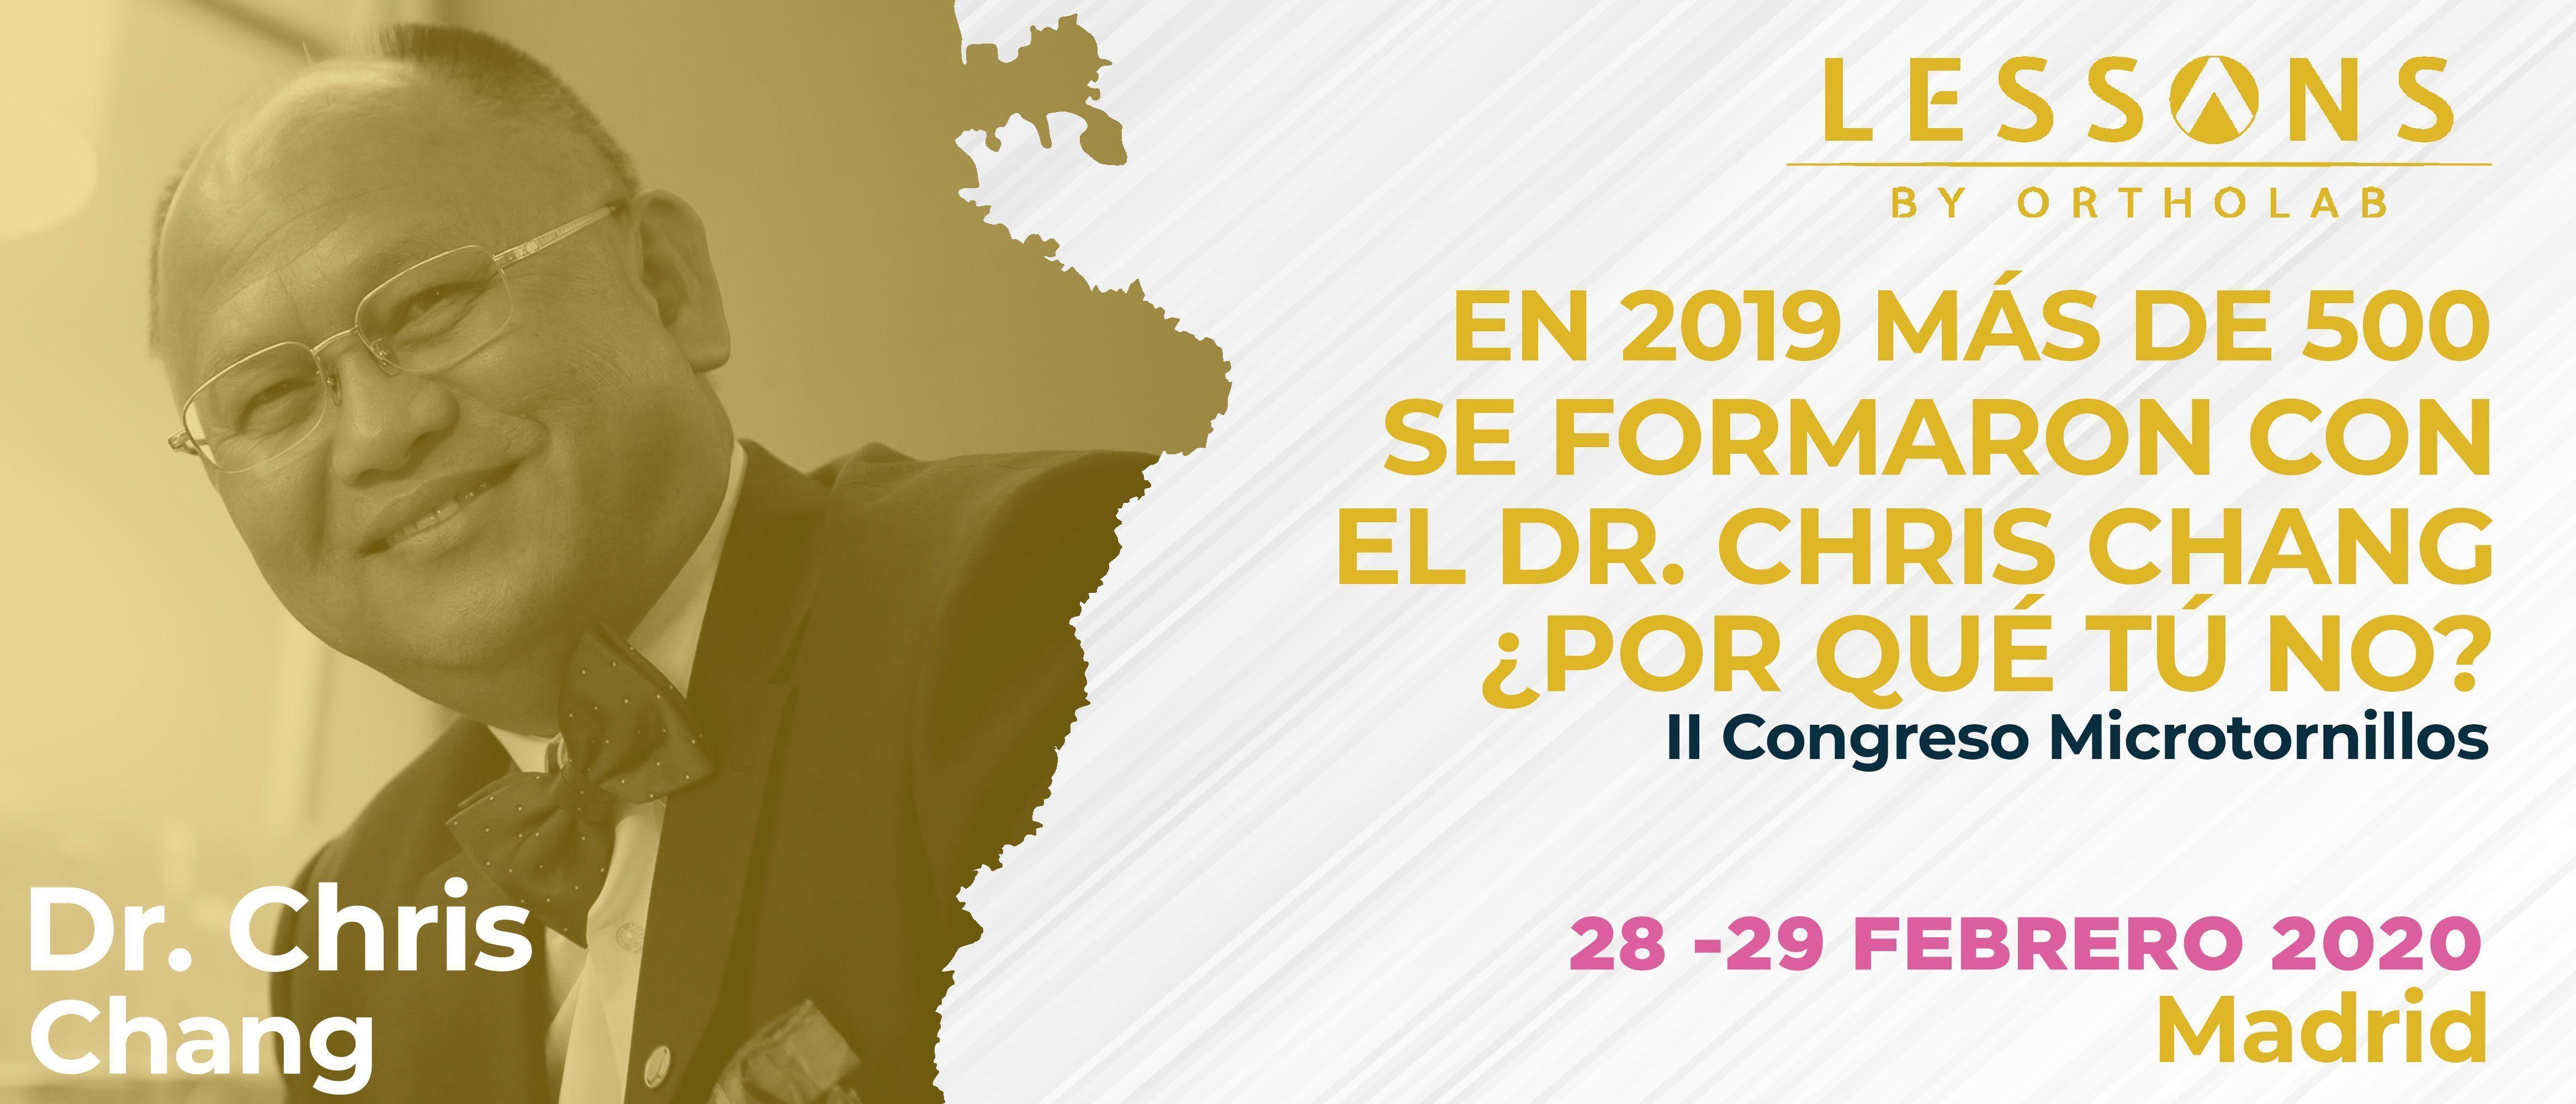 Chris Chang 2 Congreso Microtornillos OBS Madrid curso formacion